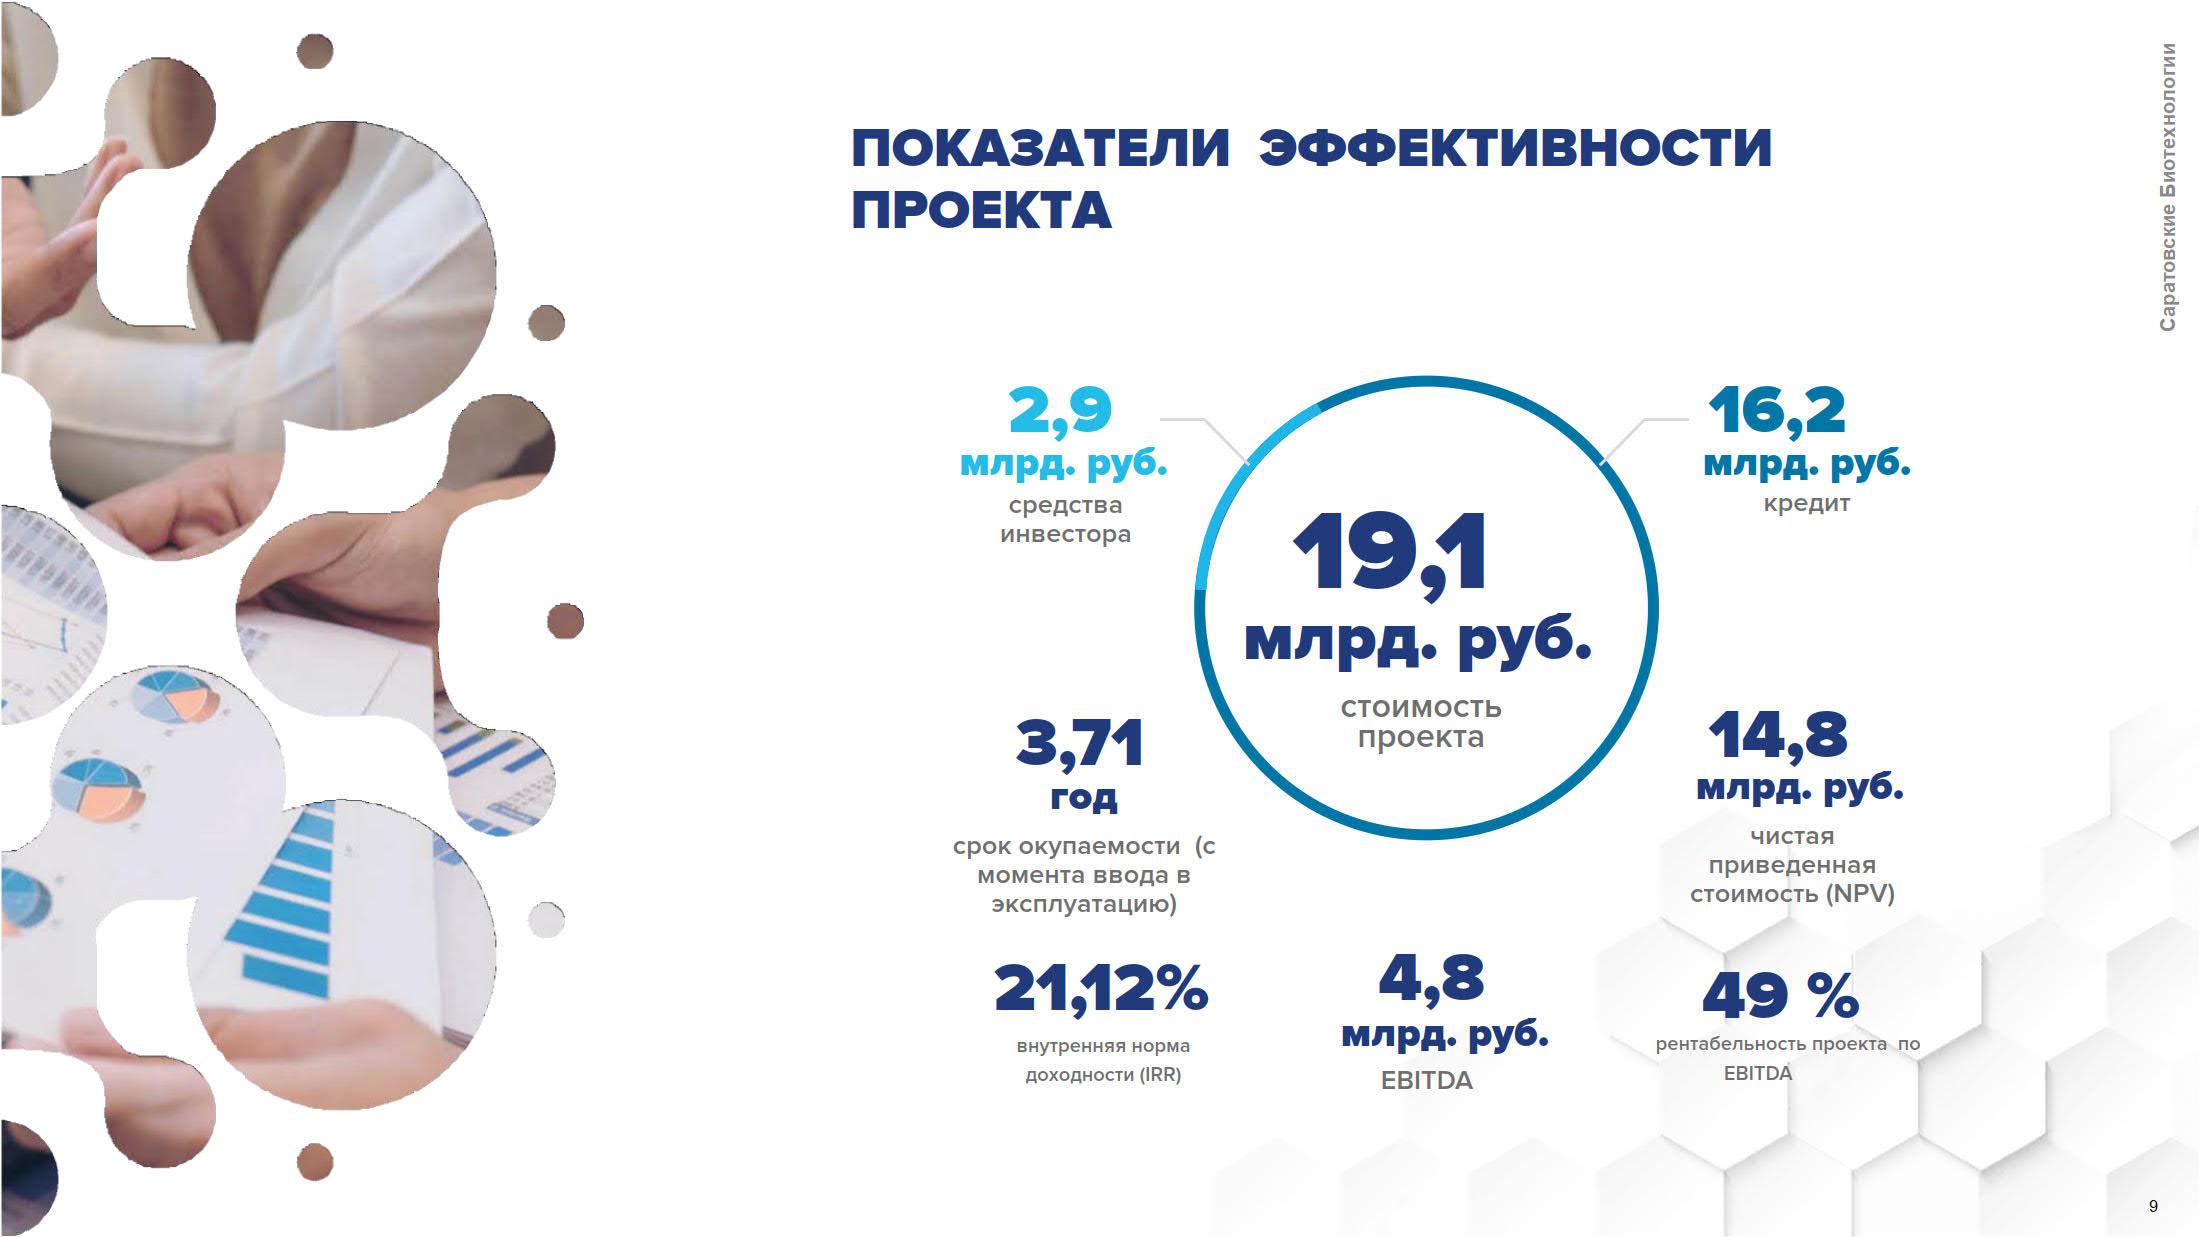 Презентация инновационного проекта